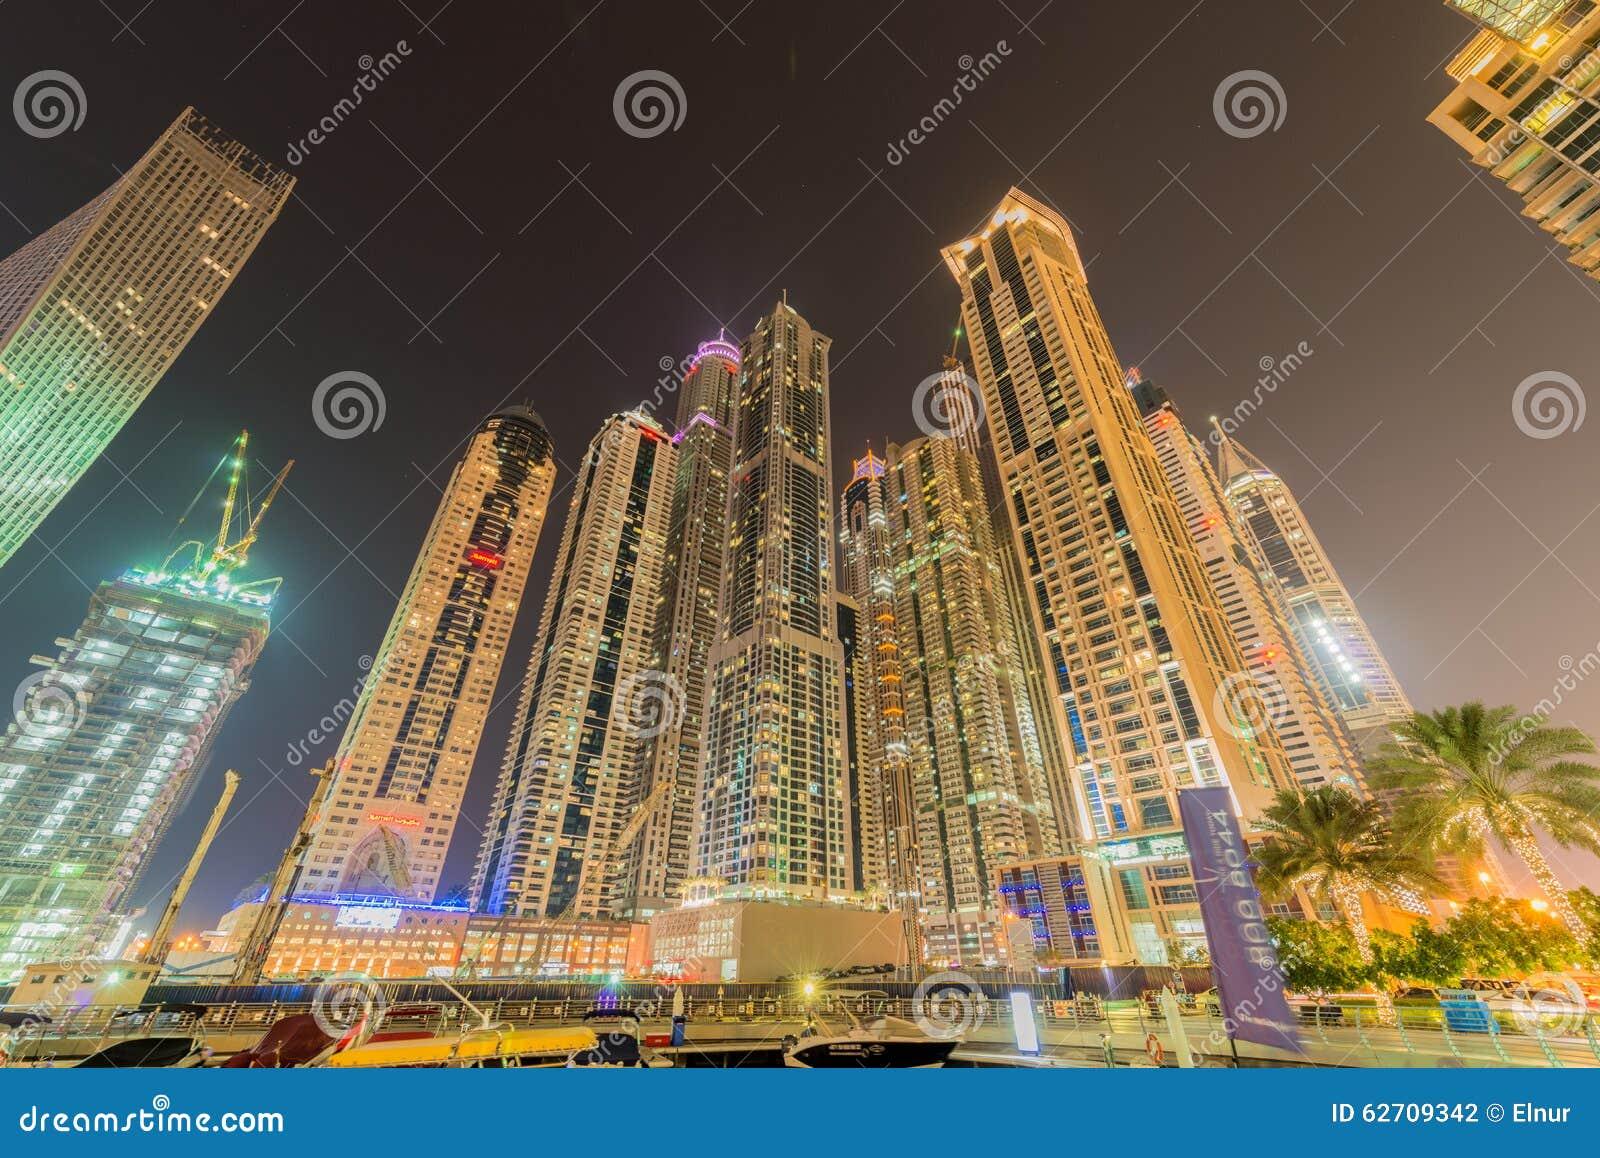 Ντουμπάι - 10 Ιανουαρίου 2015: Περιοχή μαρινών επάνω